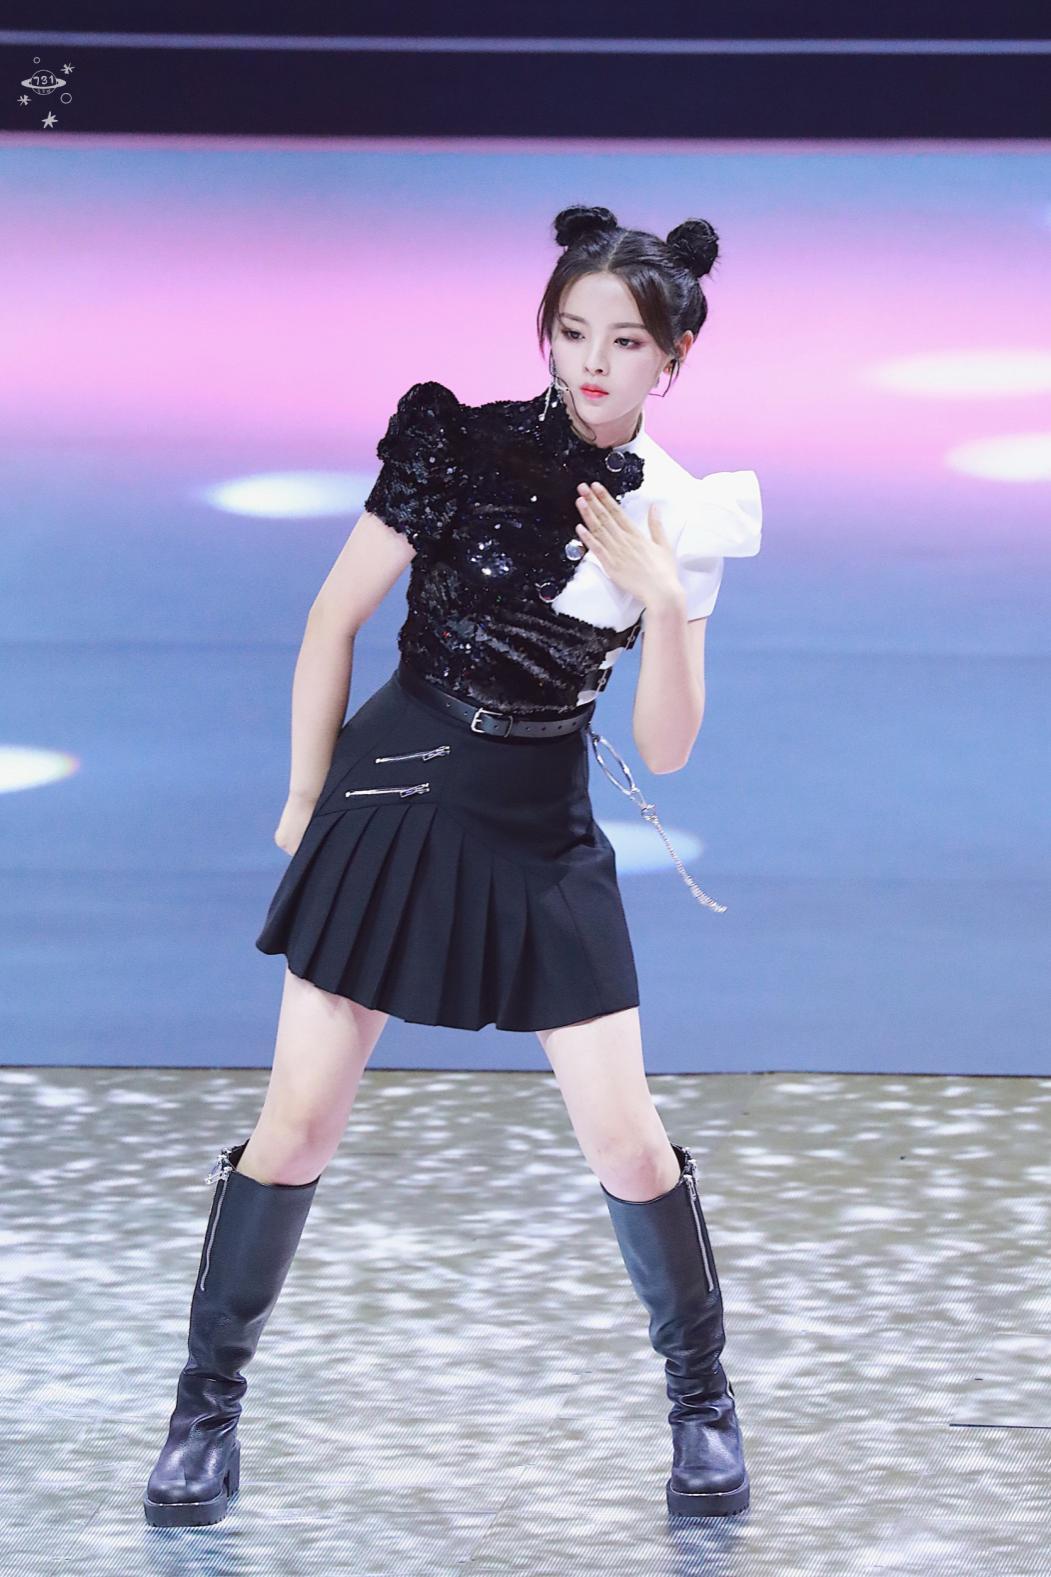 杨超越穿着STELLA LUNA长筒靴出席《超新星全运会》开幕式表演打破次元壁